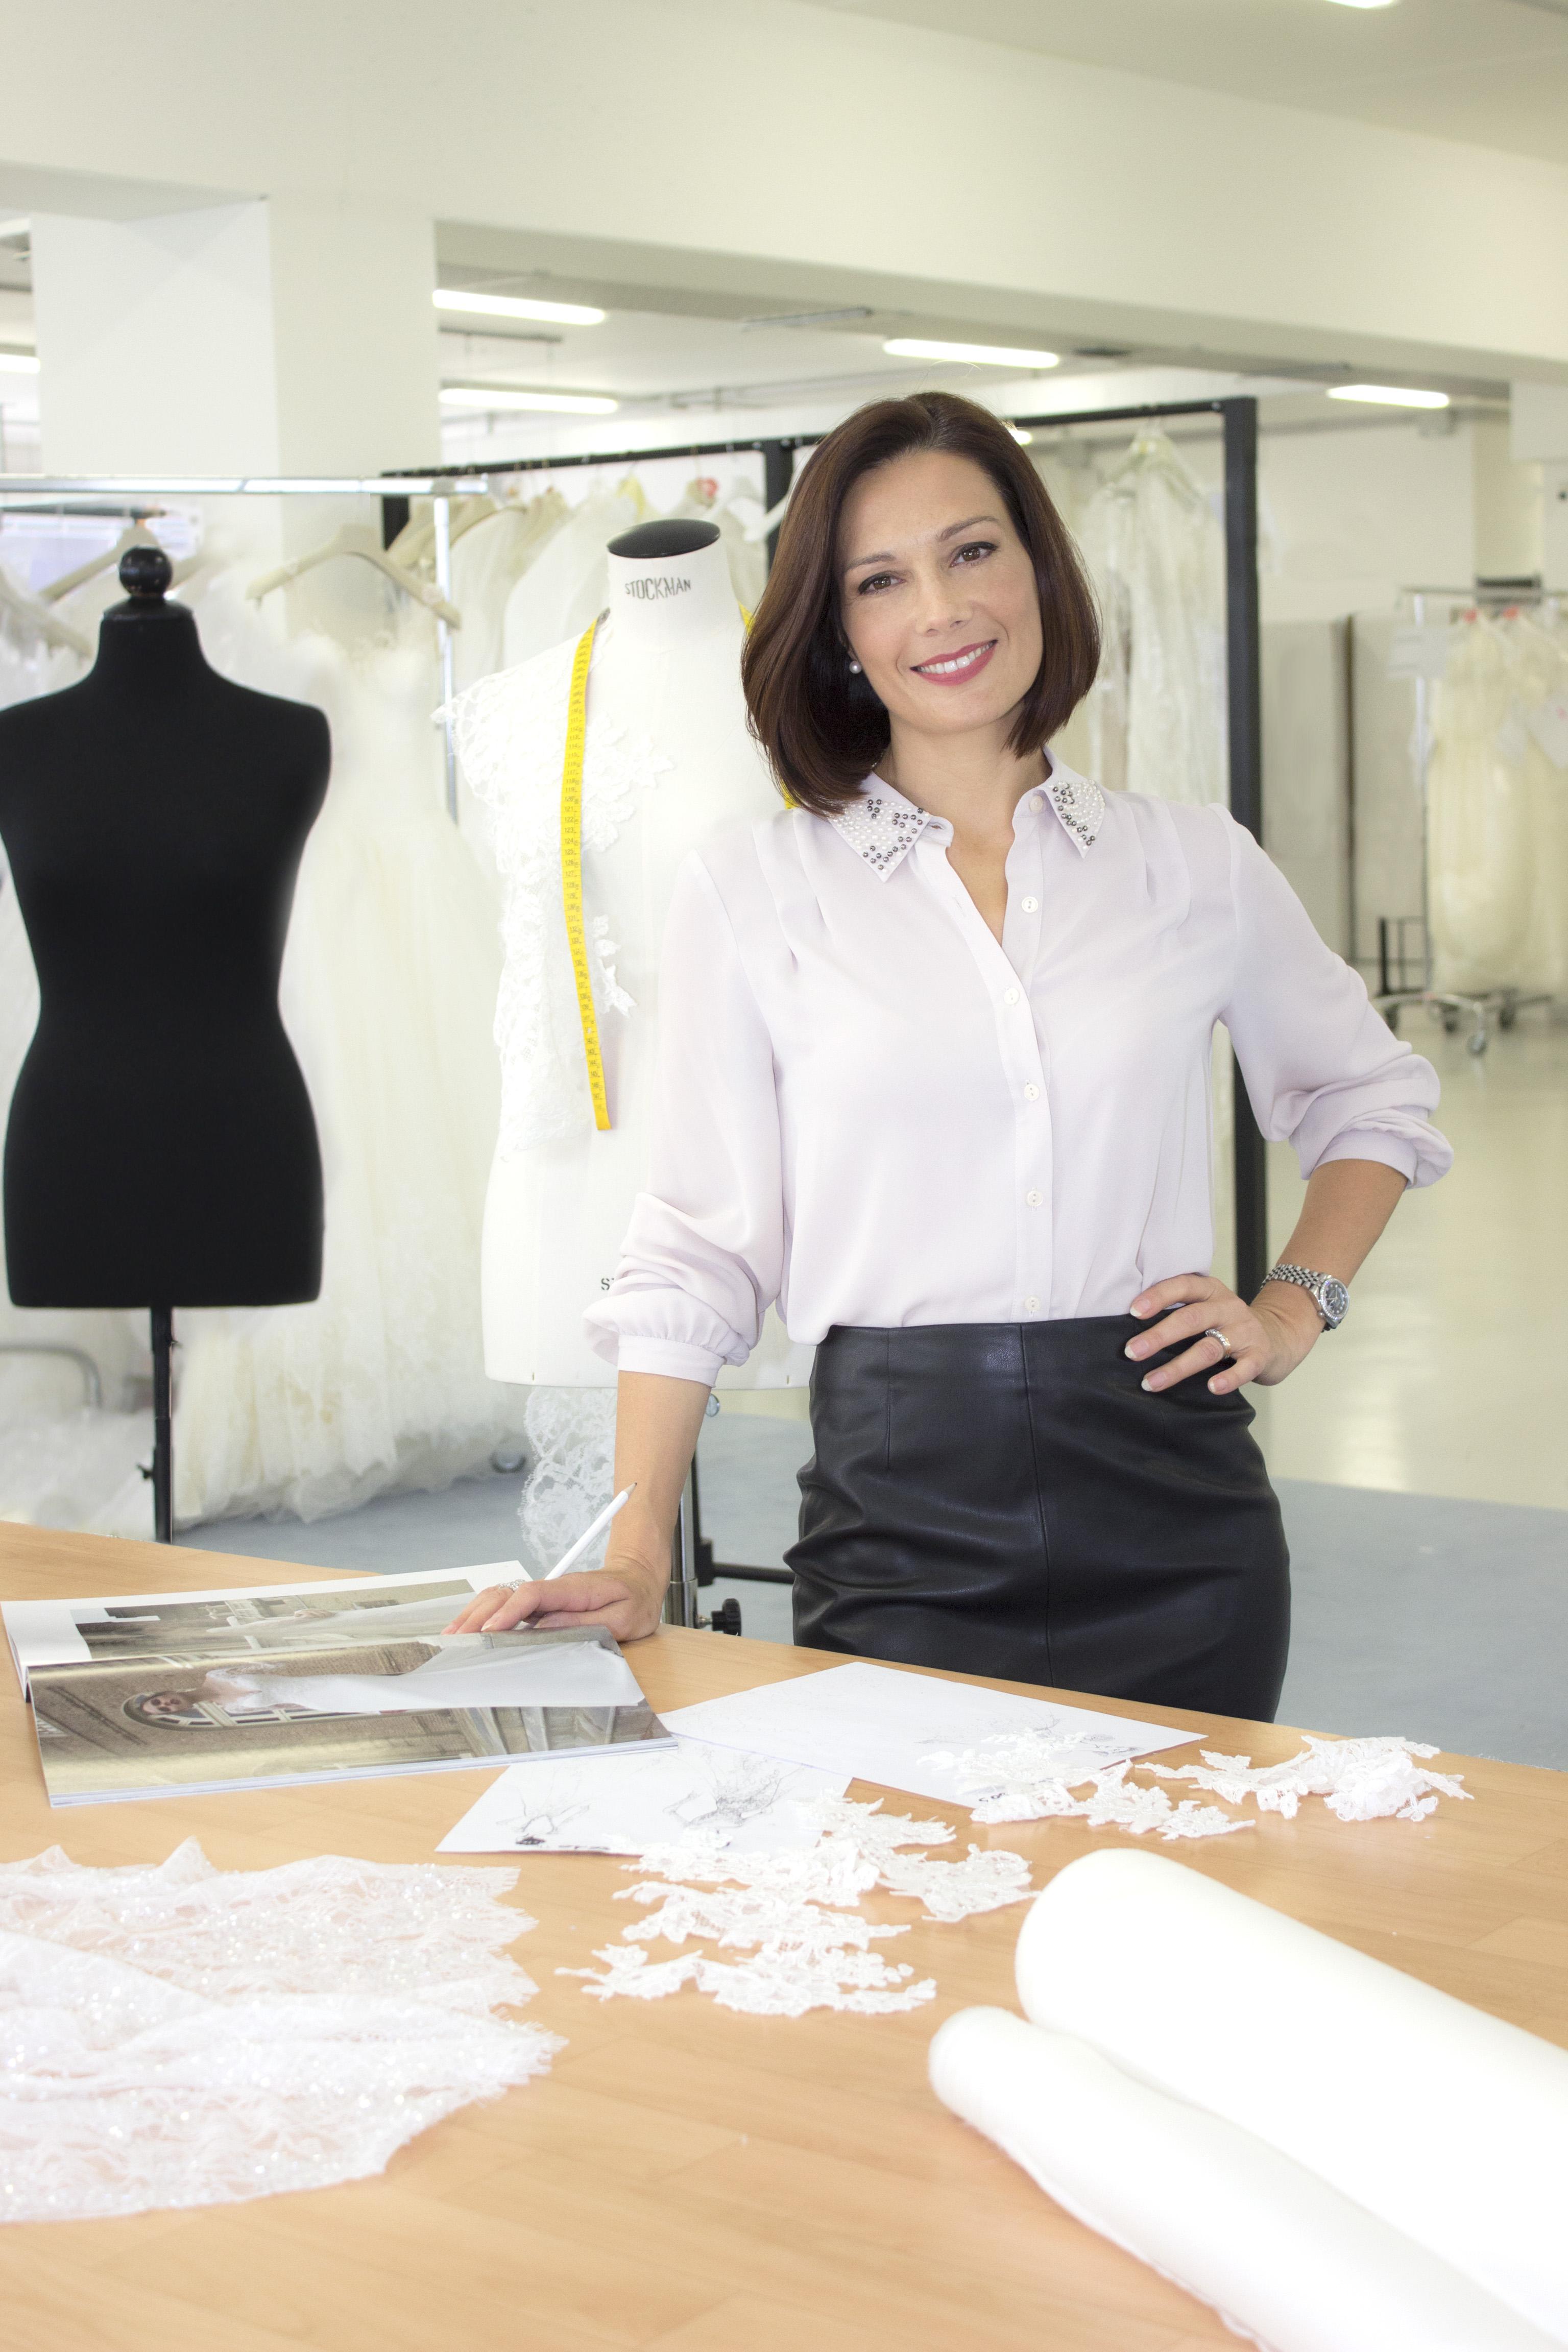 Alessandra Rinaudo, La stilista delle spose